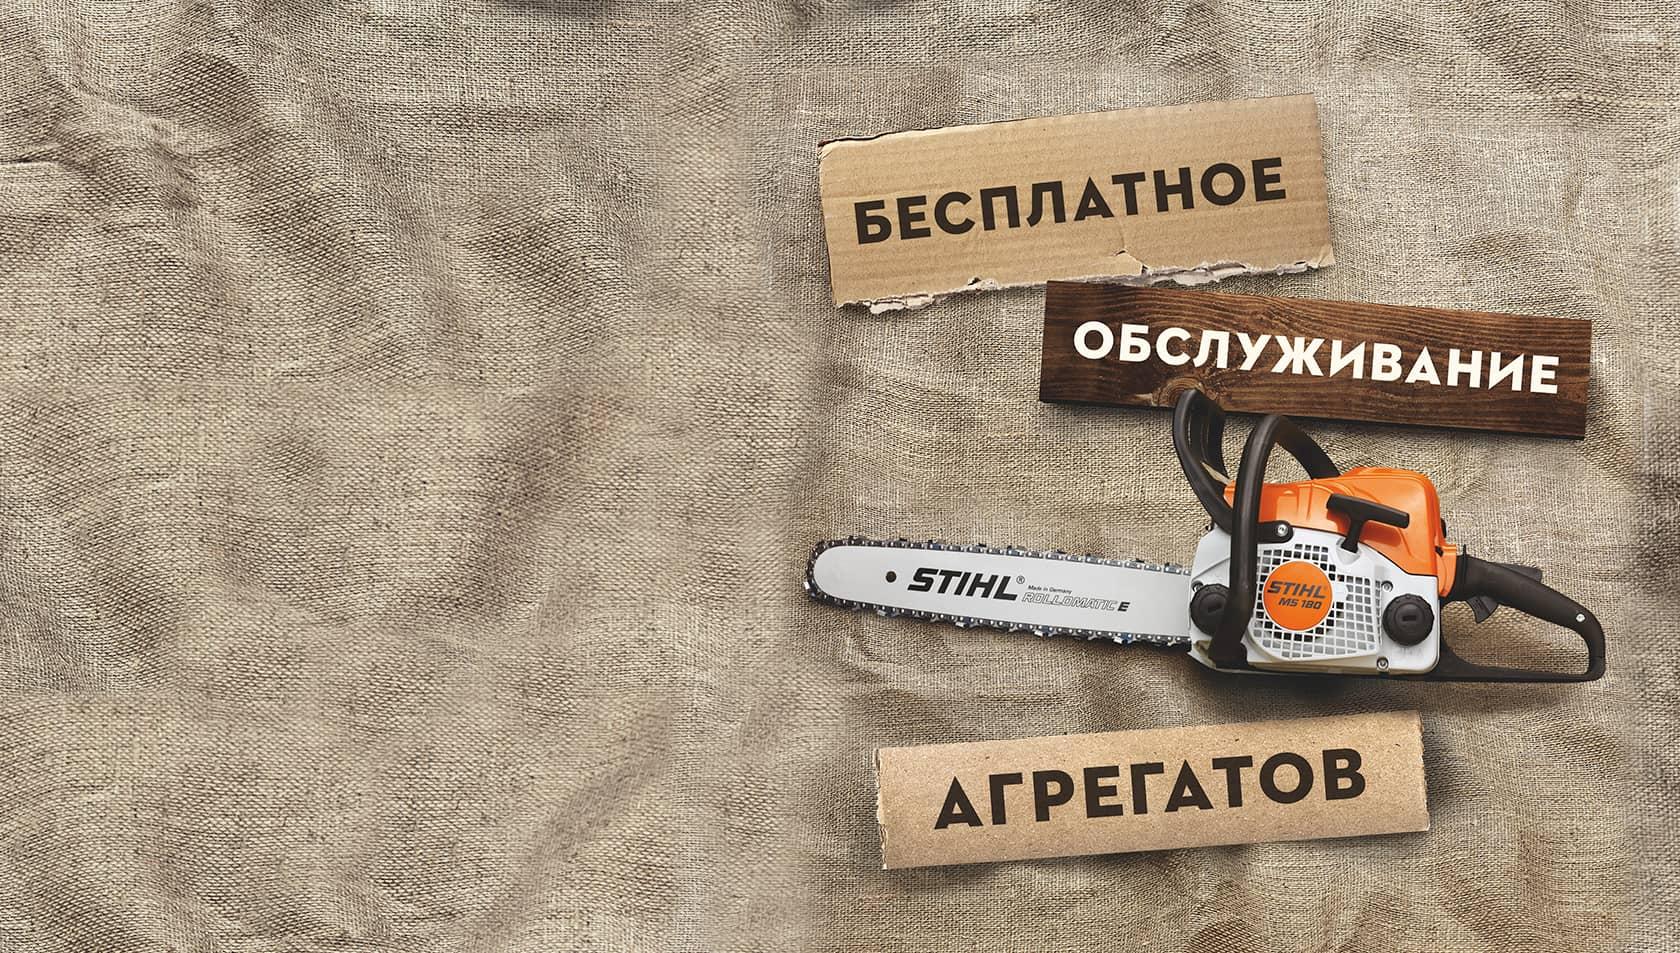 Ремонт инструмента Брянск